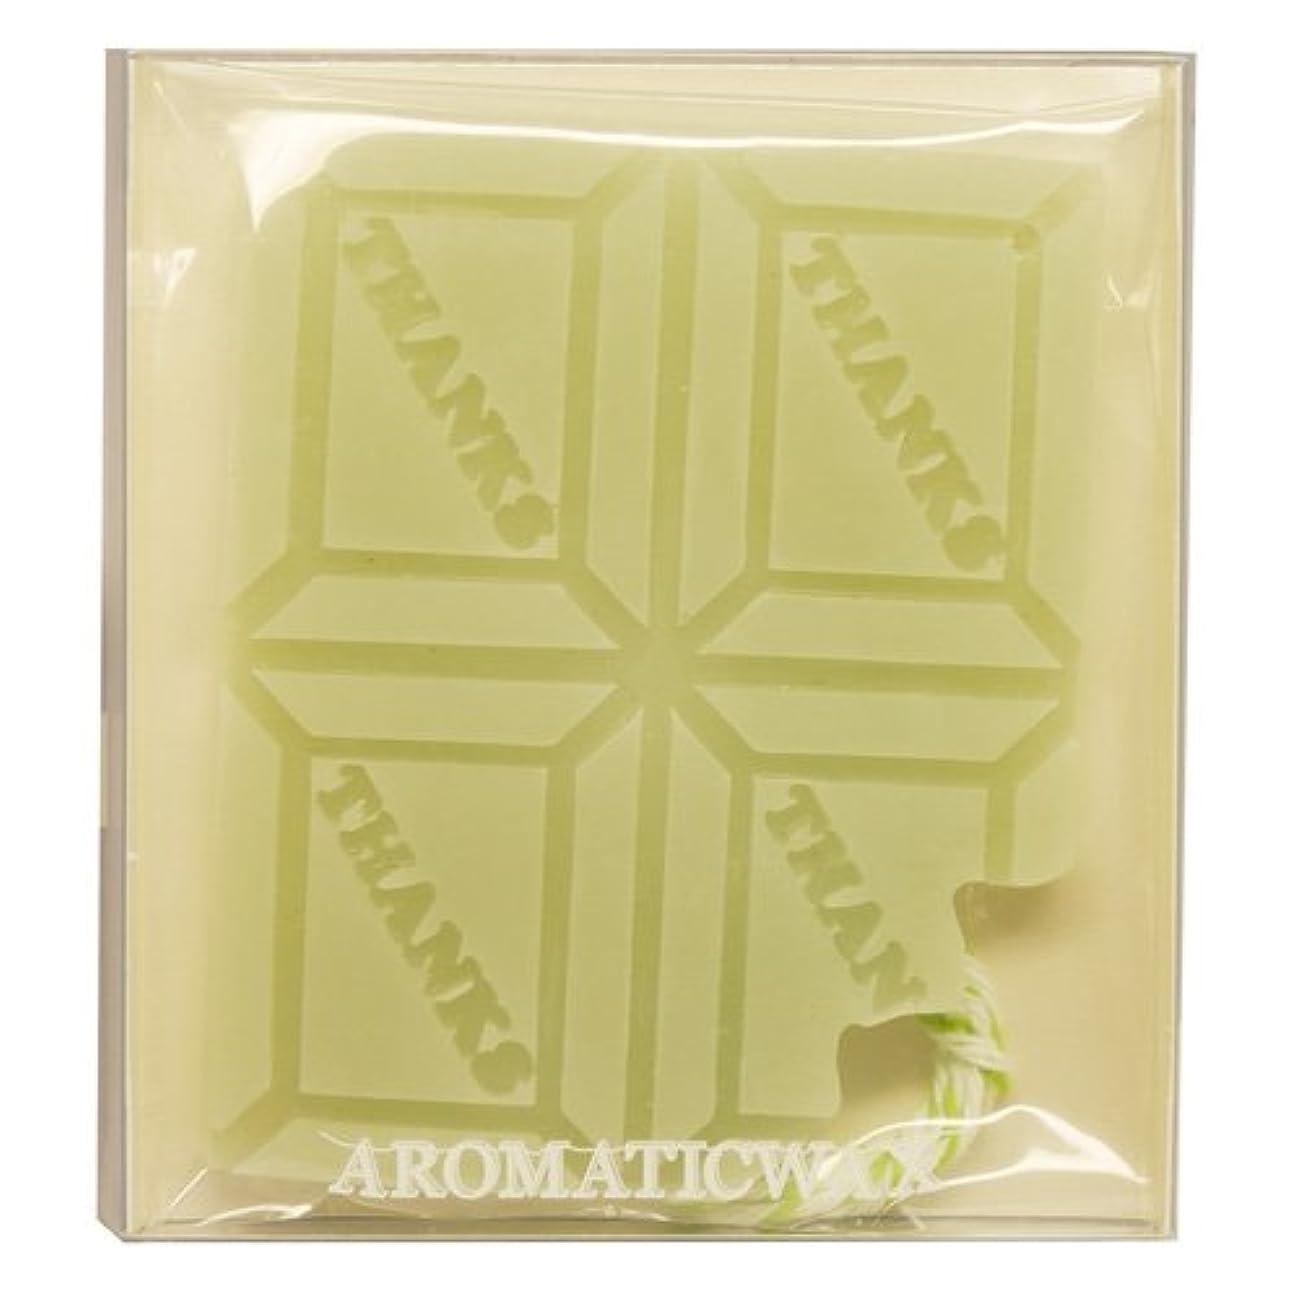 葉巻トレーダー偏差GRASSE TOKYO AROMATICWAXチャーム「板チョコ(THANKS)」(GR) レモングラス アロマティックワックス グラーストウキョウ